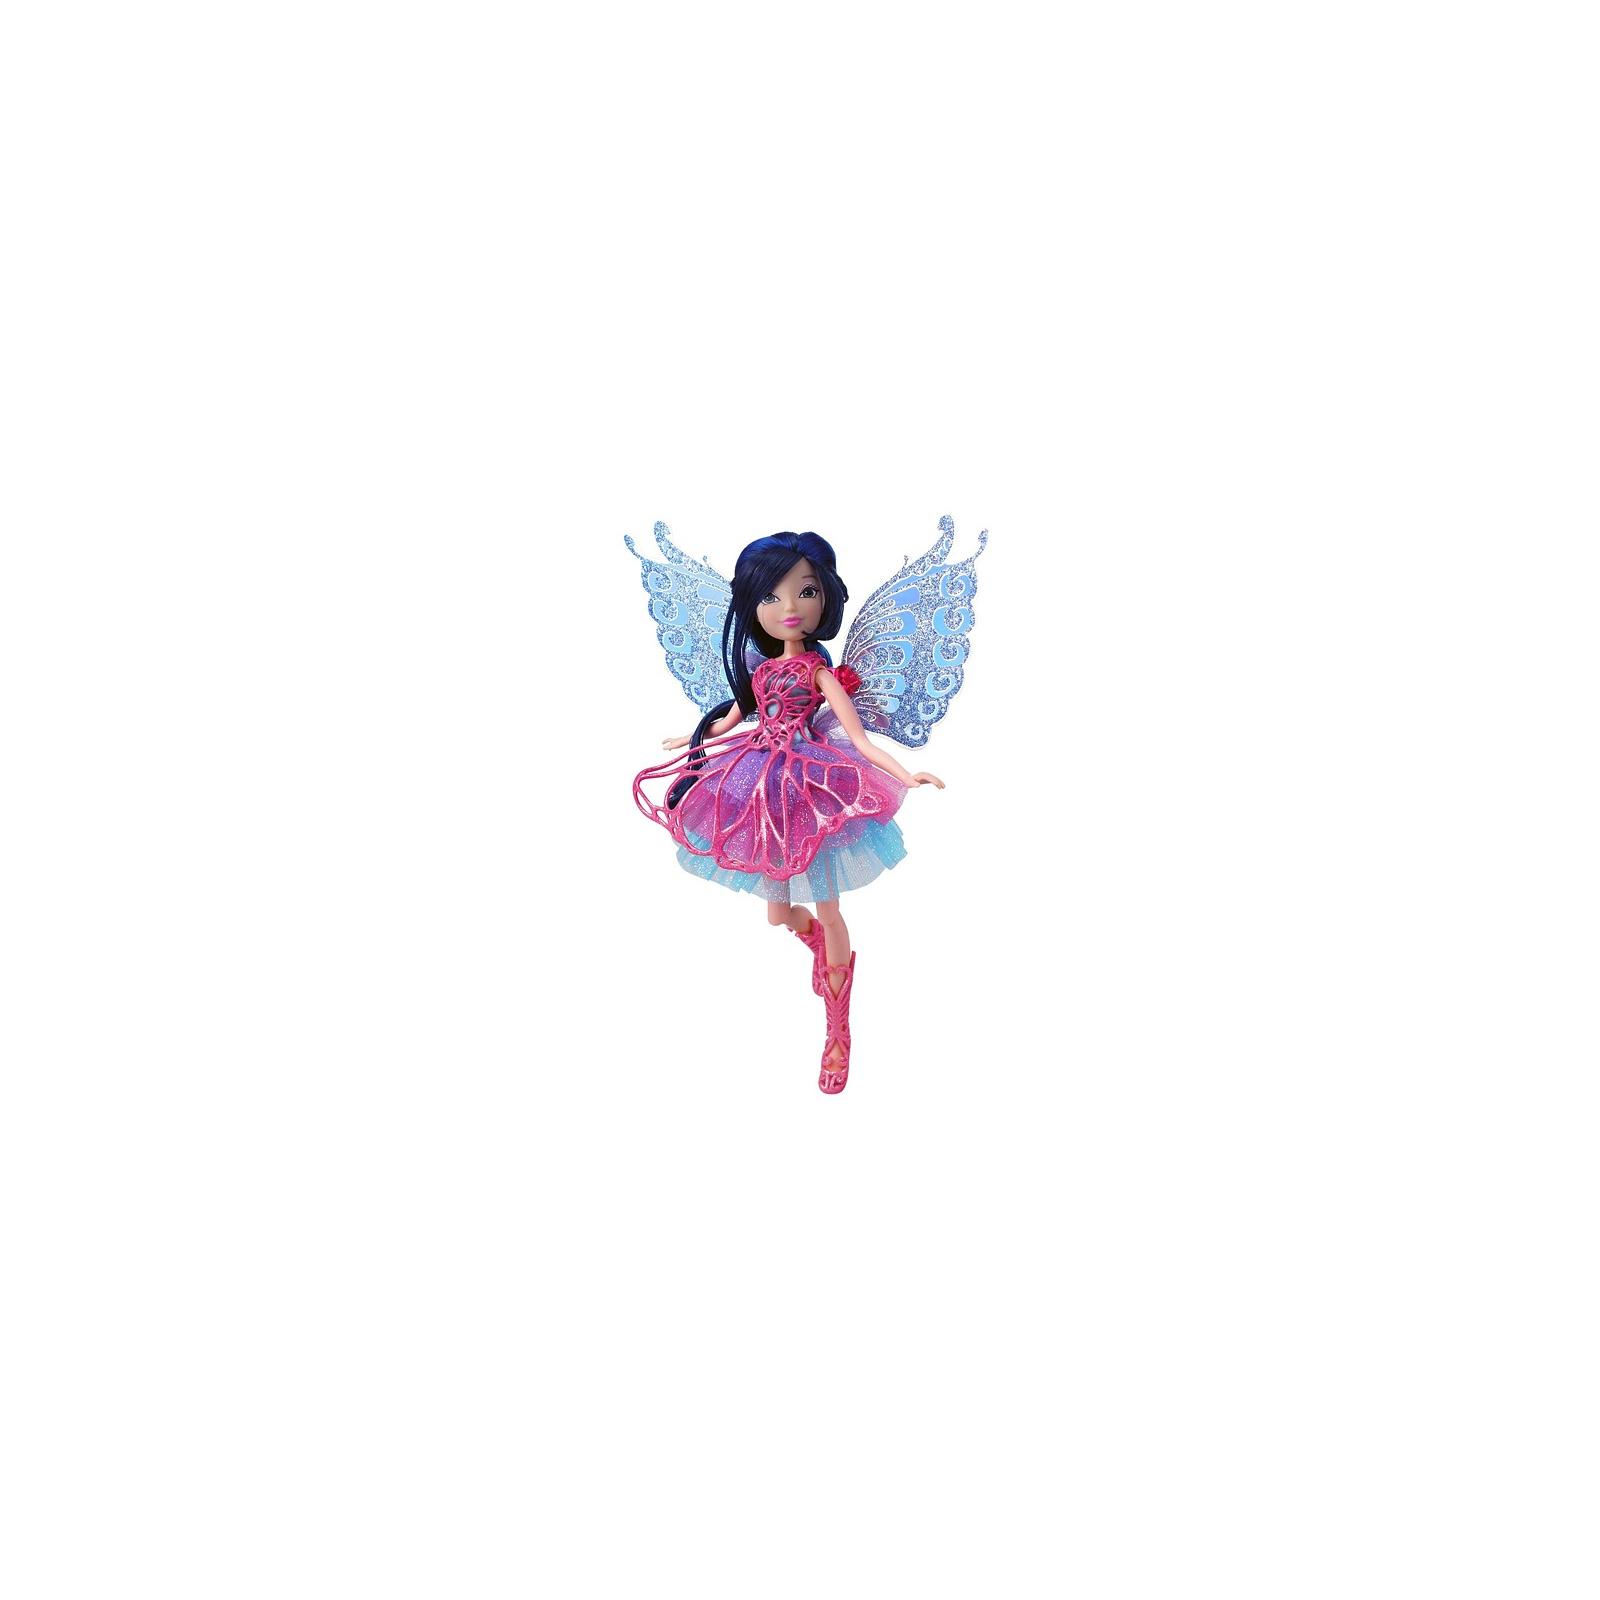 Кукла WinX Butterflix Муза 27 см (IW01131404) изображение 2